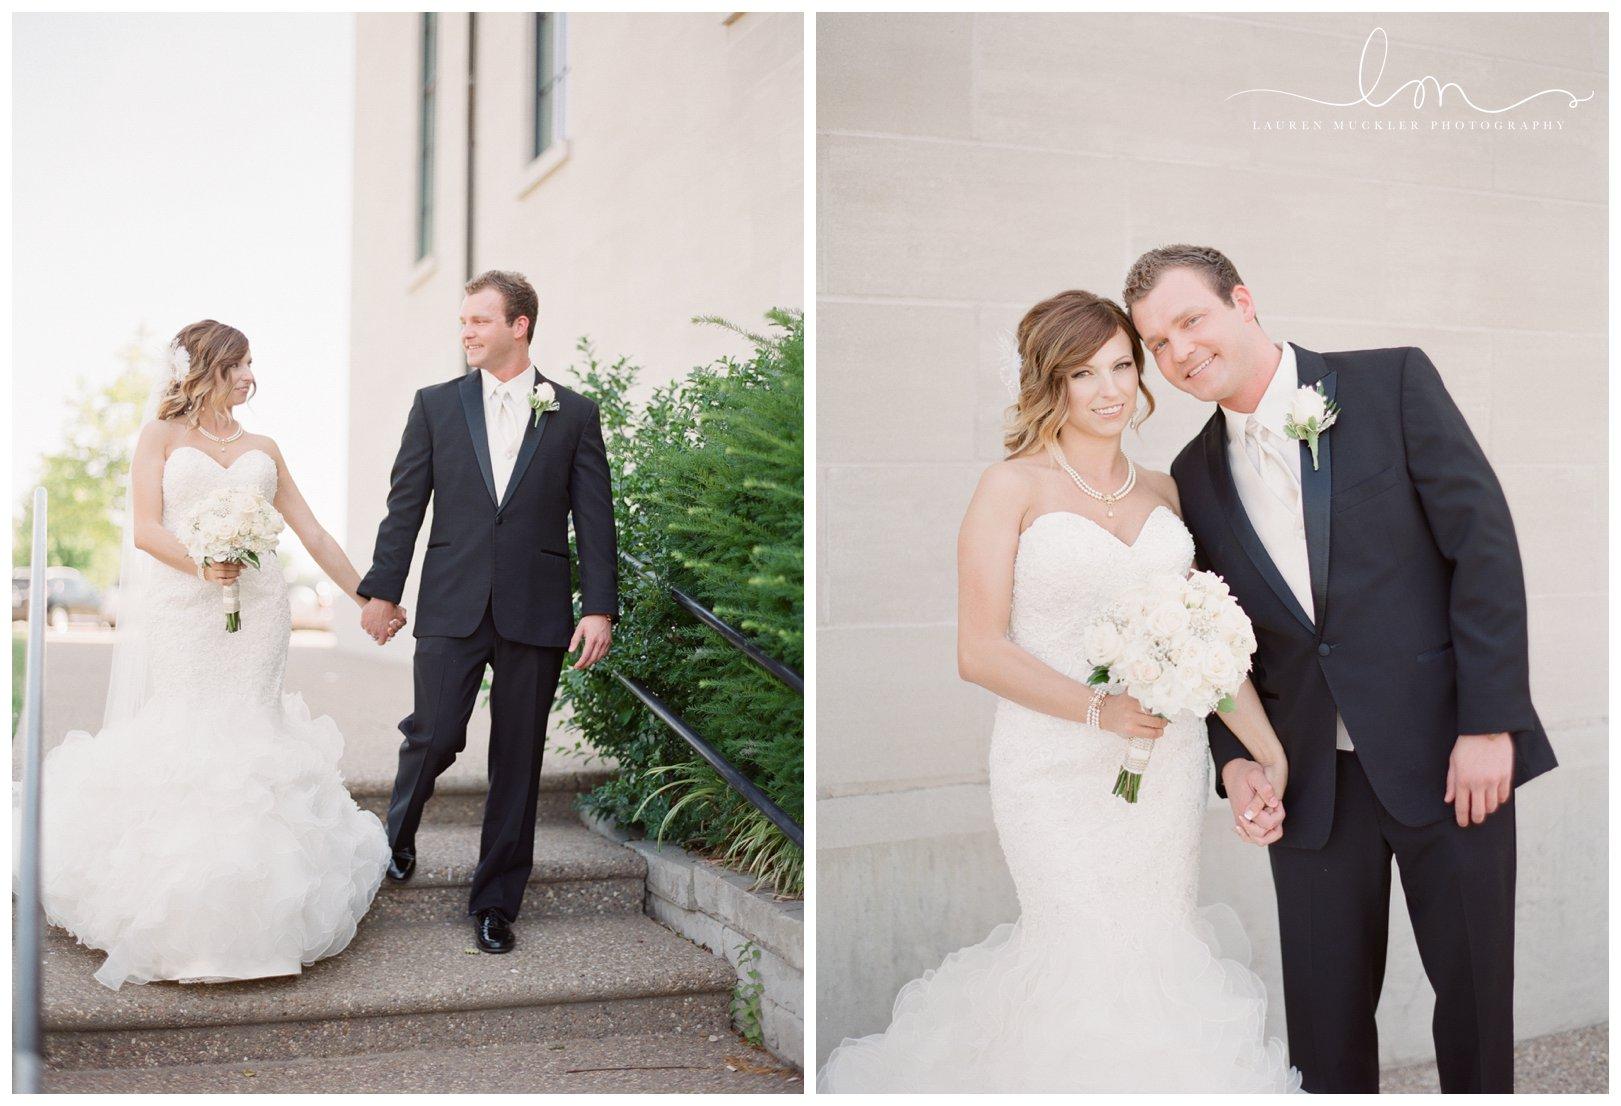 lauren muckler photography_fine art film wedding photography_st louis_photography_0472.jpg